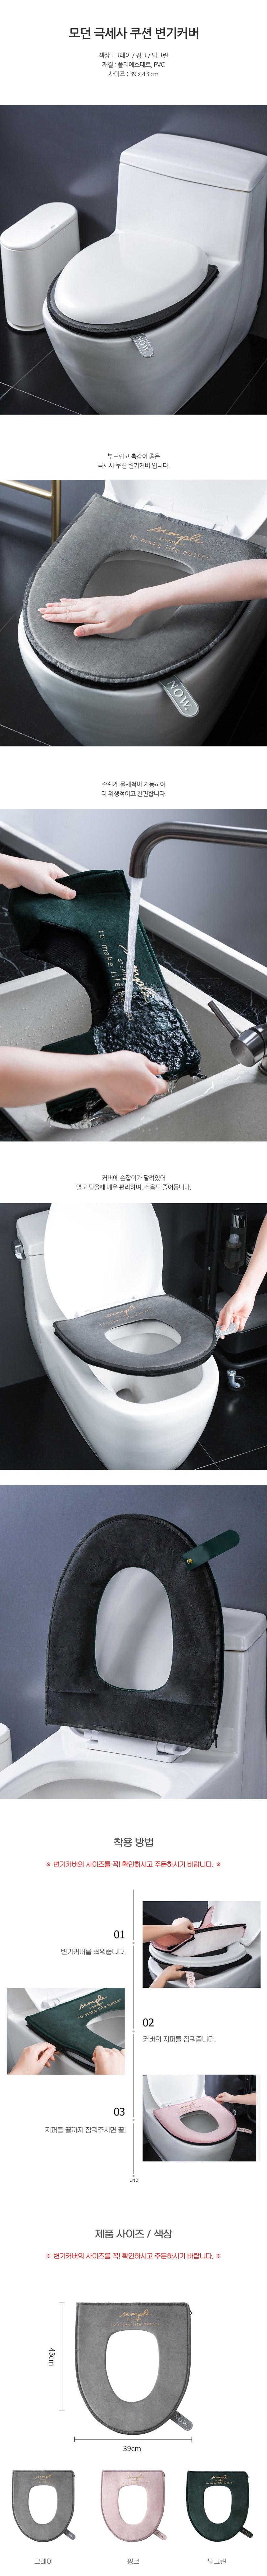 모던 극세사 쿠션 변기커버 변기시트 - 구디푸디, 7,100원, 변기용품, 변기커버